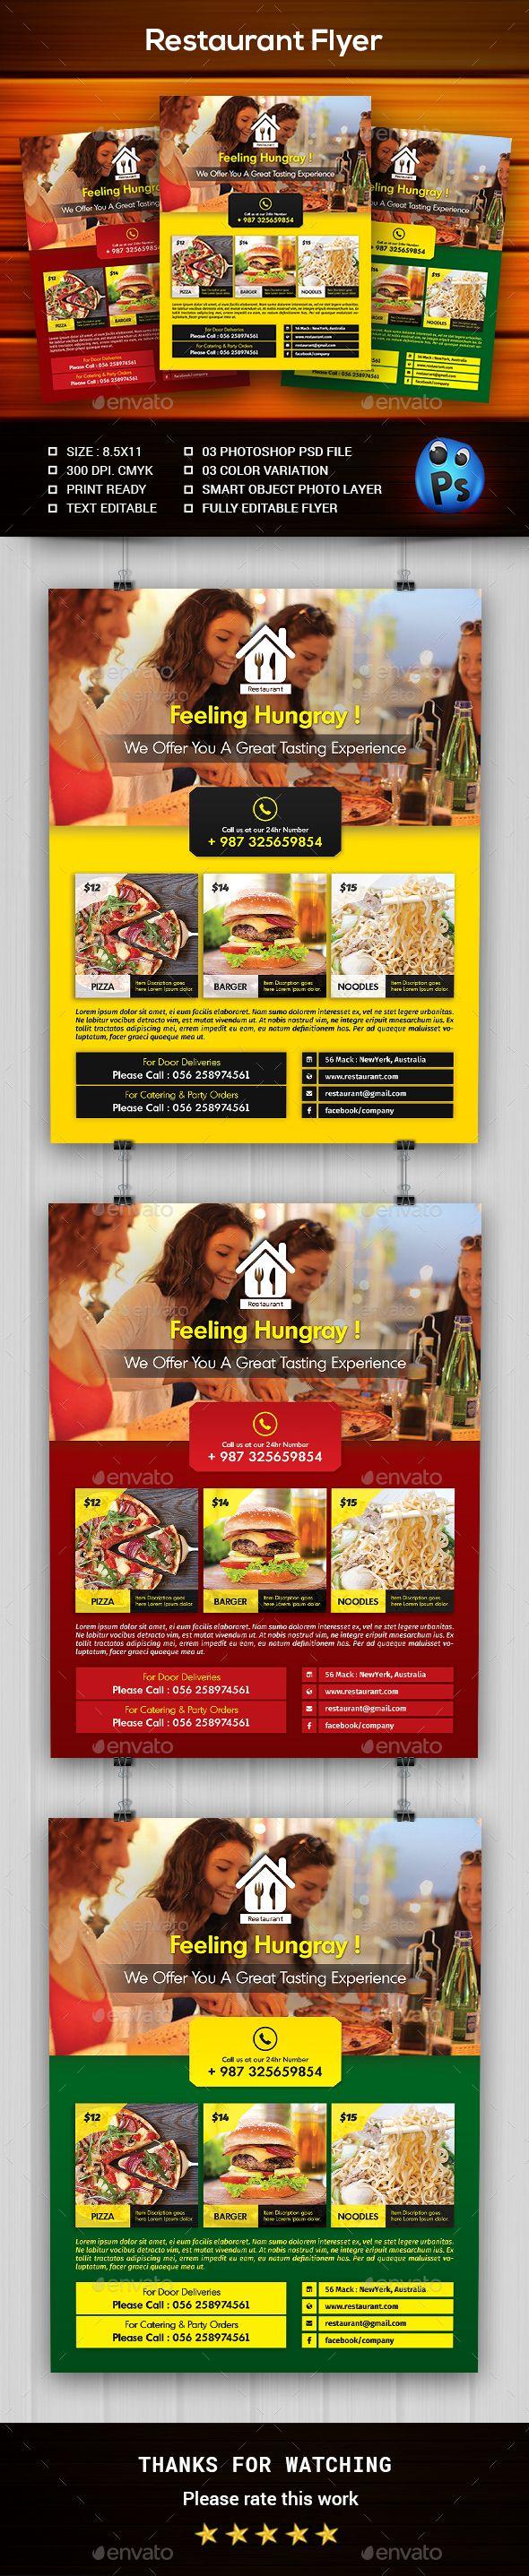 Exceptionnel Les 25 meilleures idées de la catégorie Flyer restaurant sur  CU71